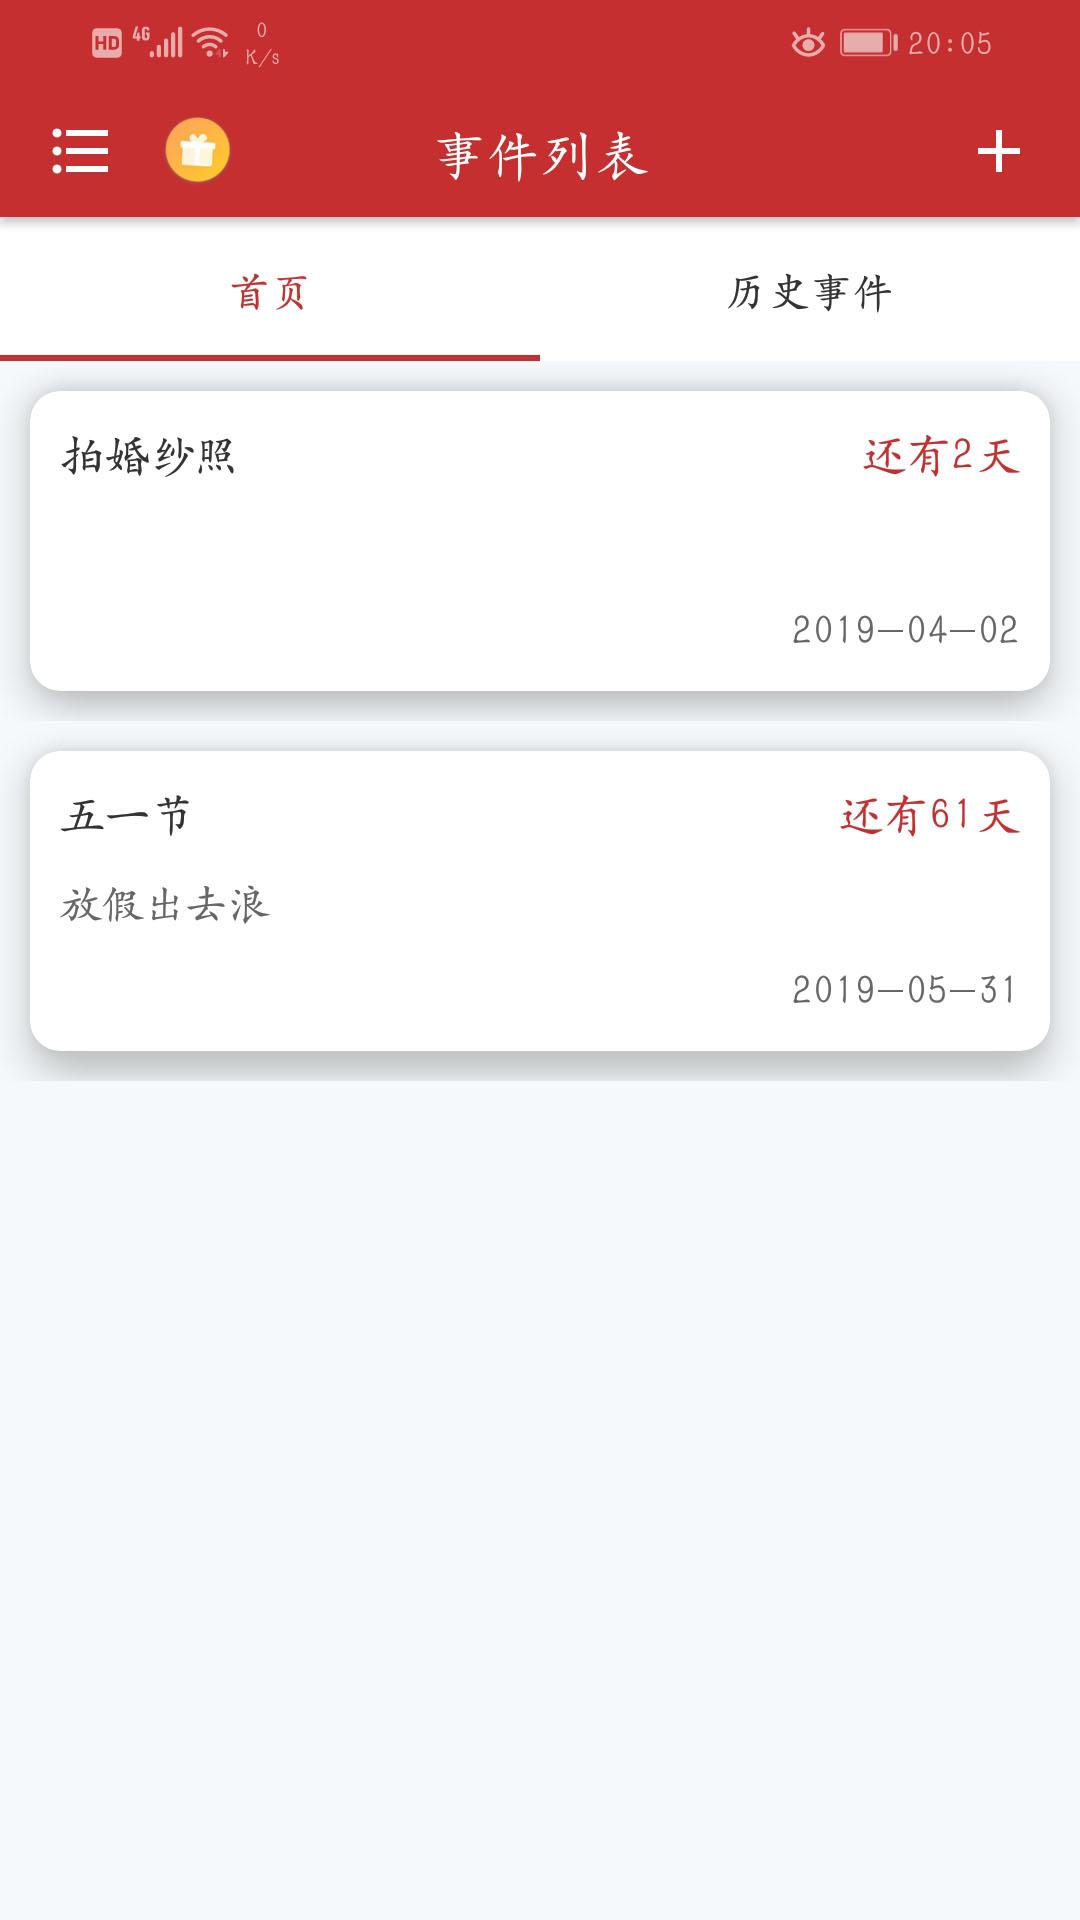 日期倒计时插件app截图